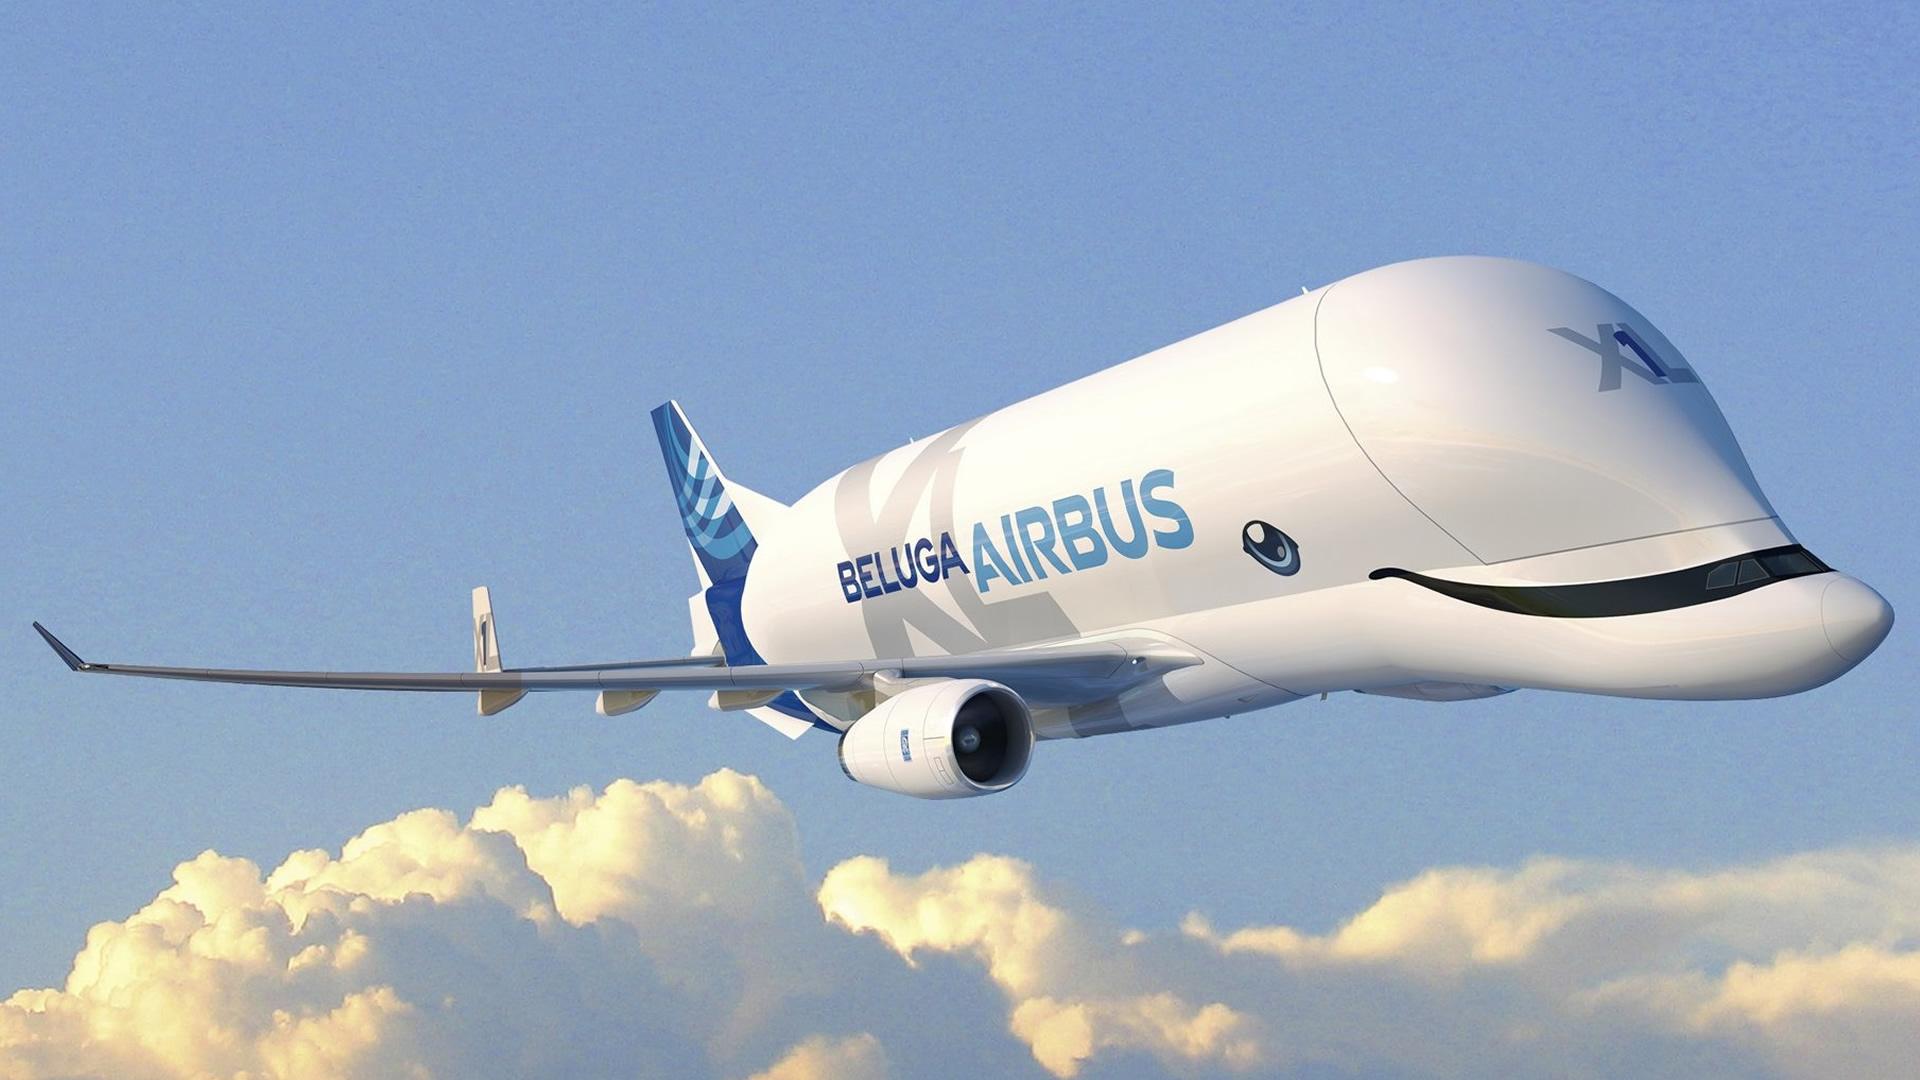 VIDEO El nuevo avión gigante de Airbus ya está listo: Beluga XL